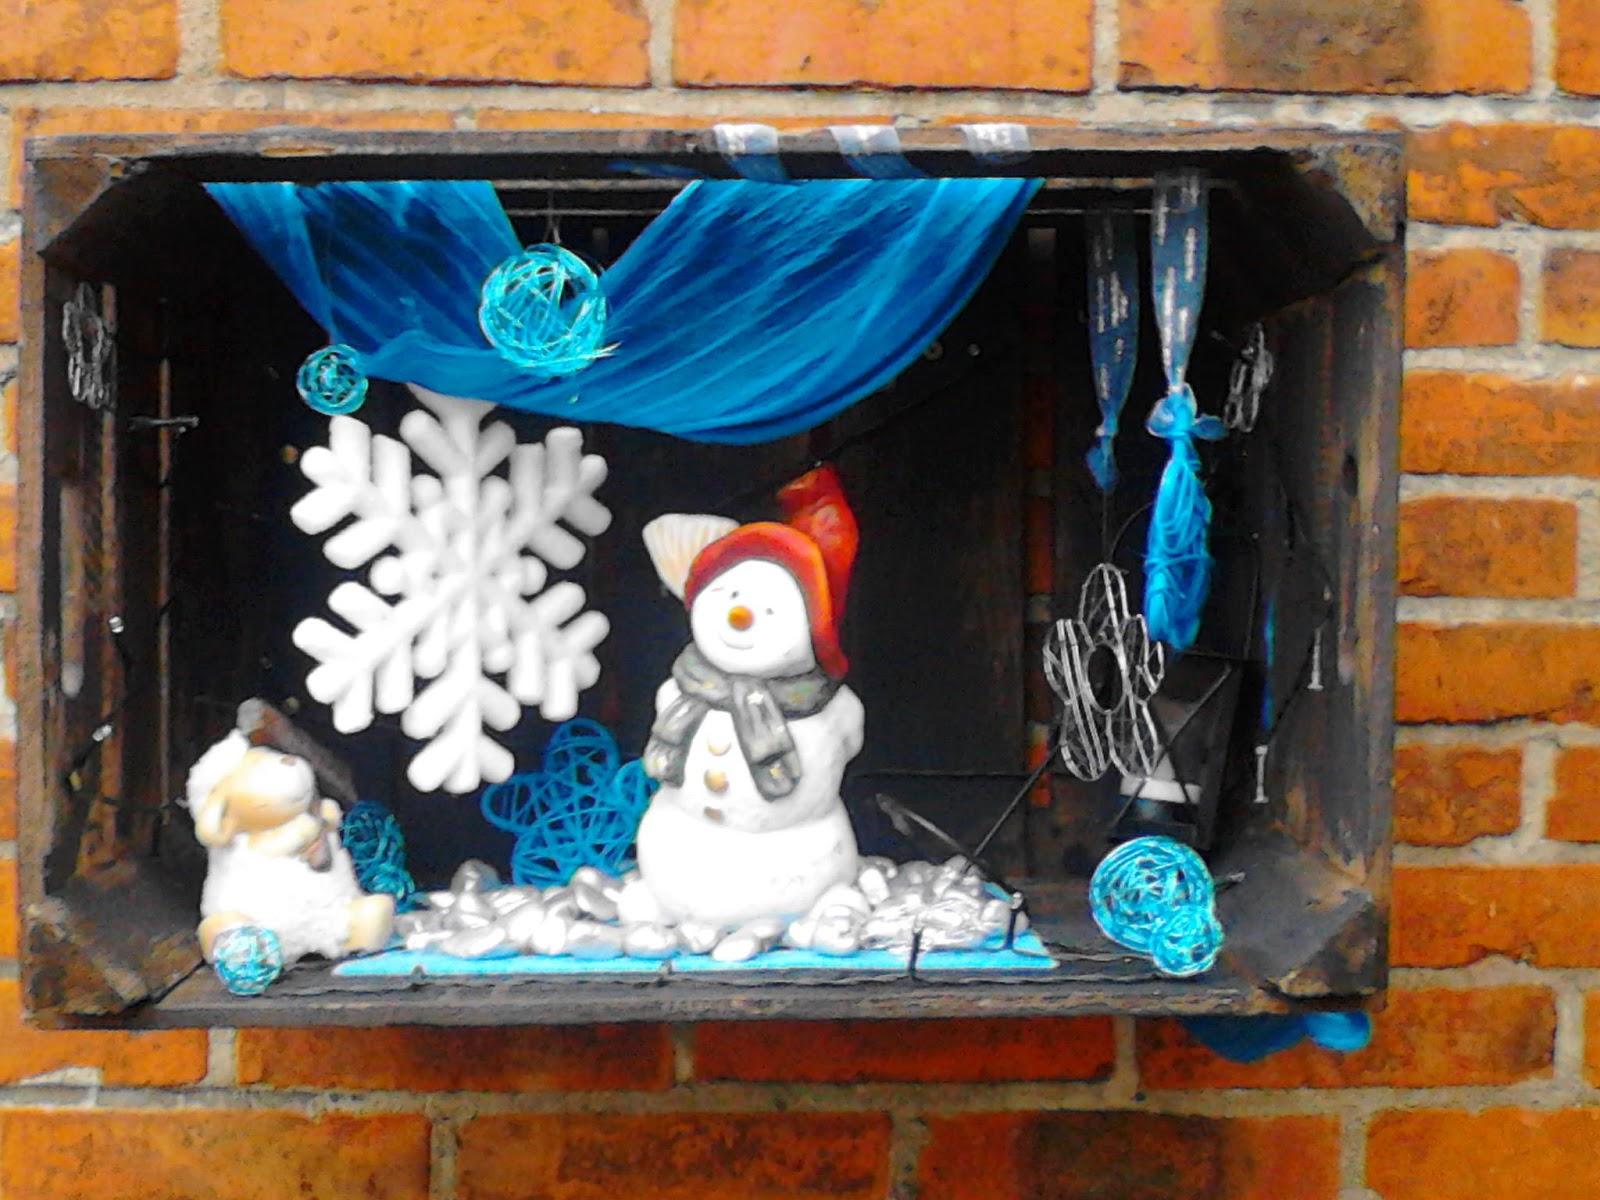 Geschenkidee: Geschenkidee Winterdeko